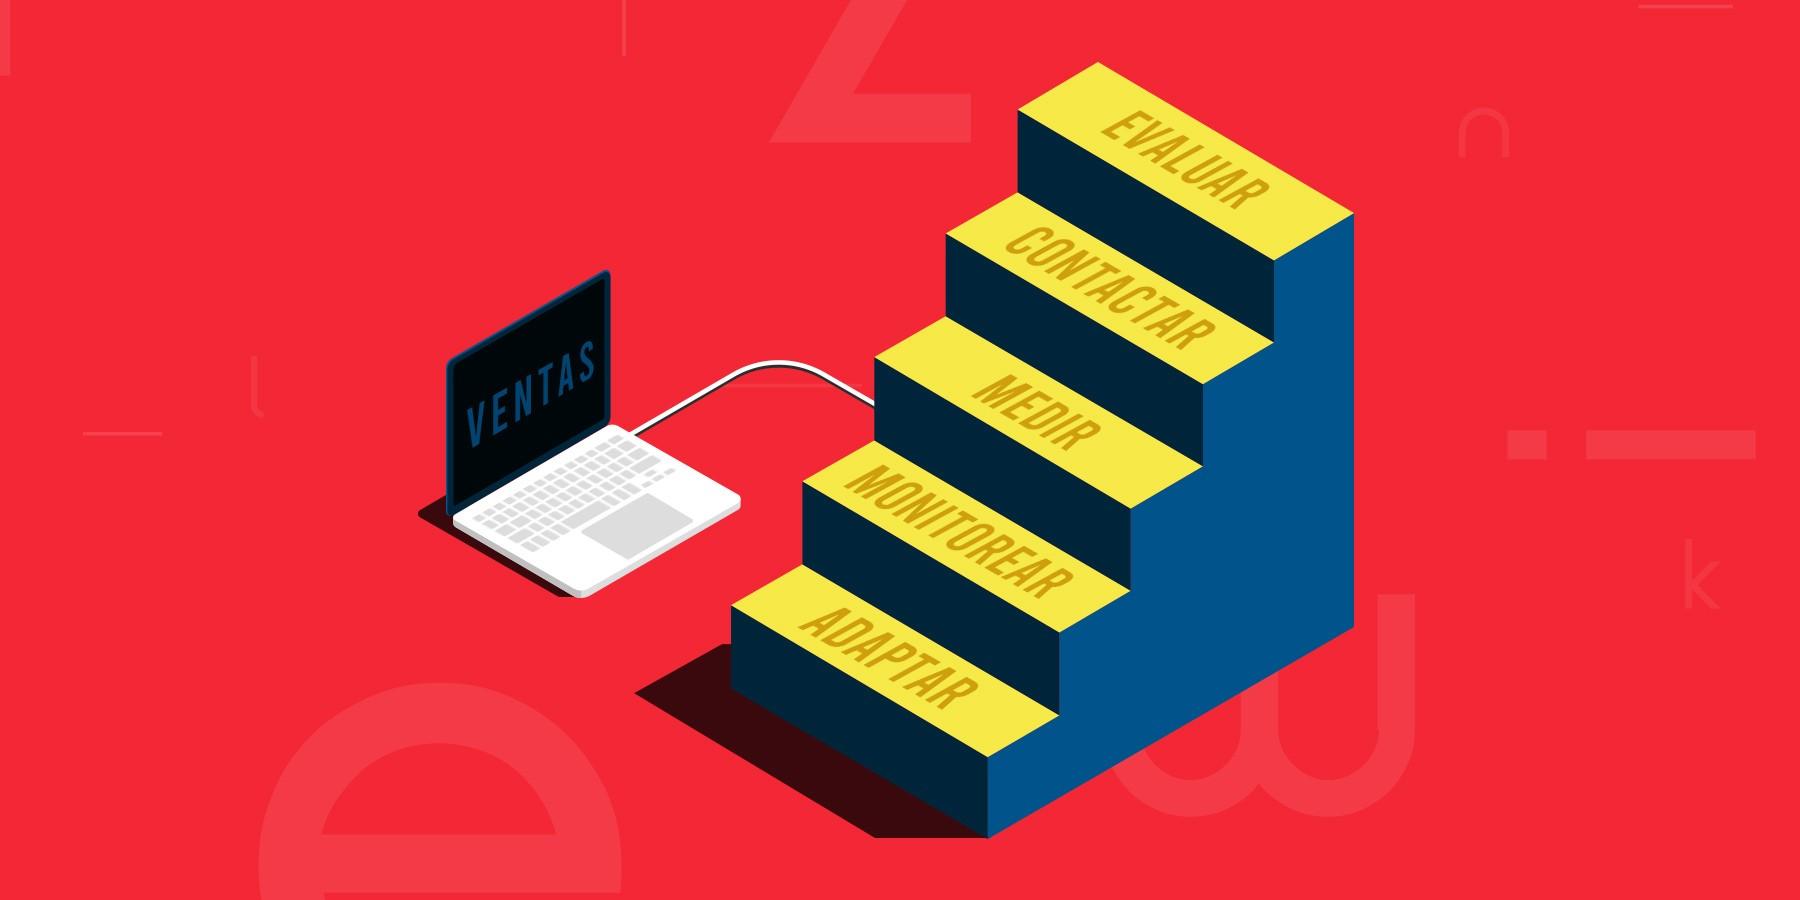 5 pasos para crear una campaña efectiva y vender más por internet